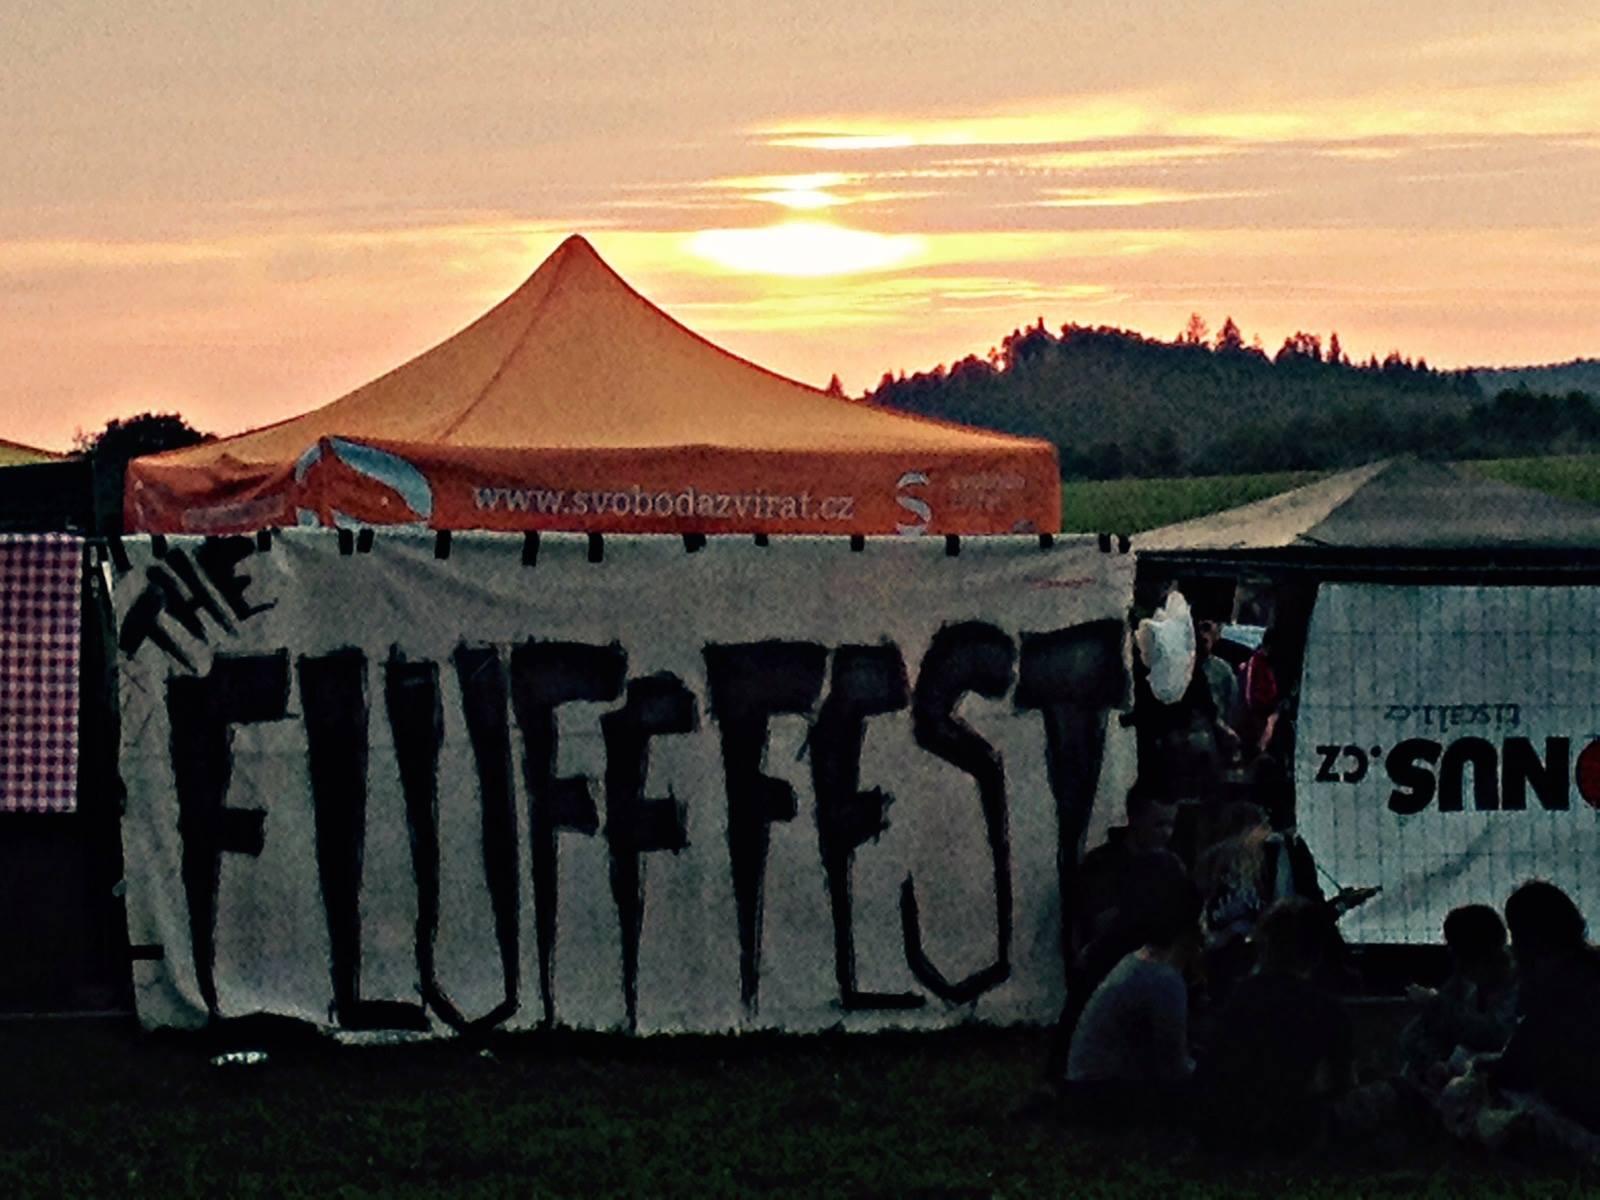 Tipy a zajímavosti / SZ Fluff fest